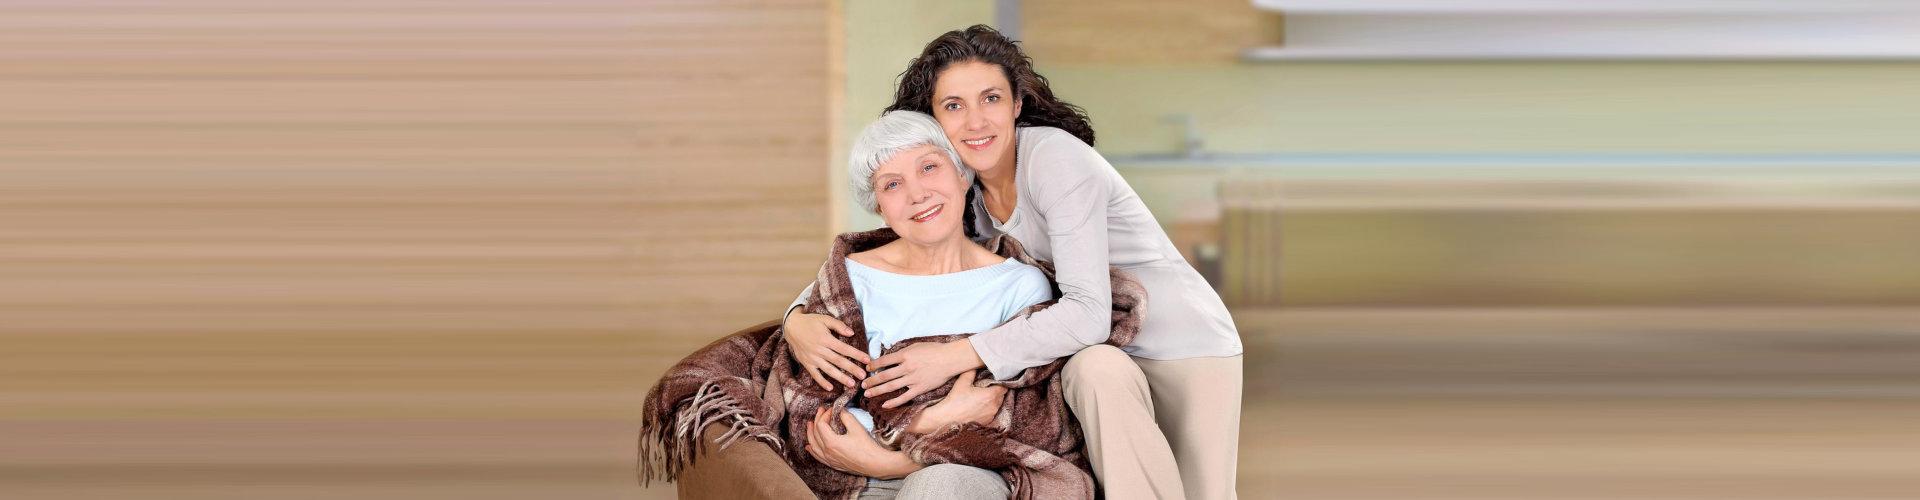 caregiver hugging senior woman